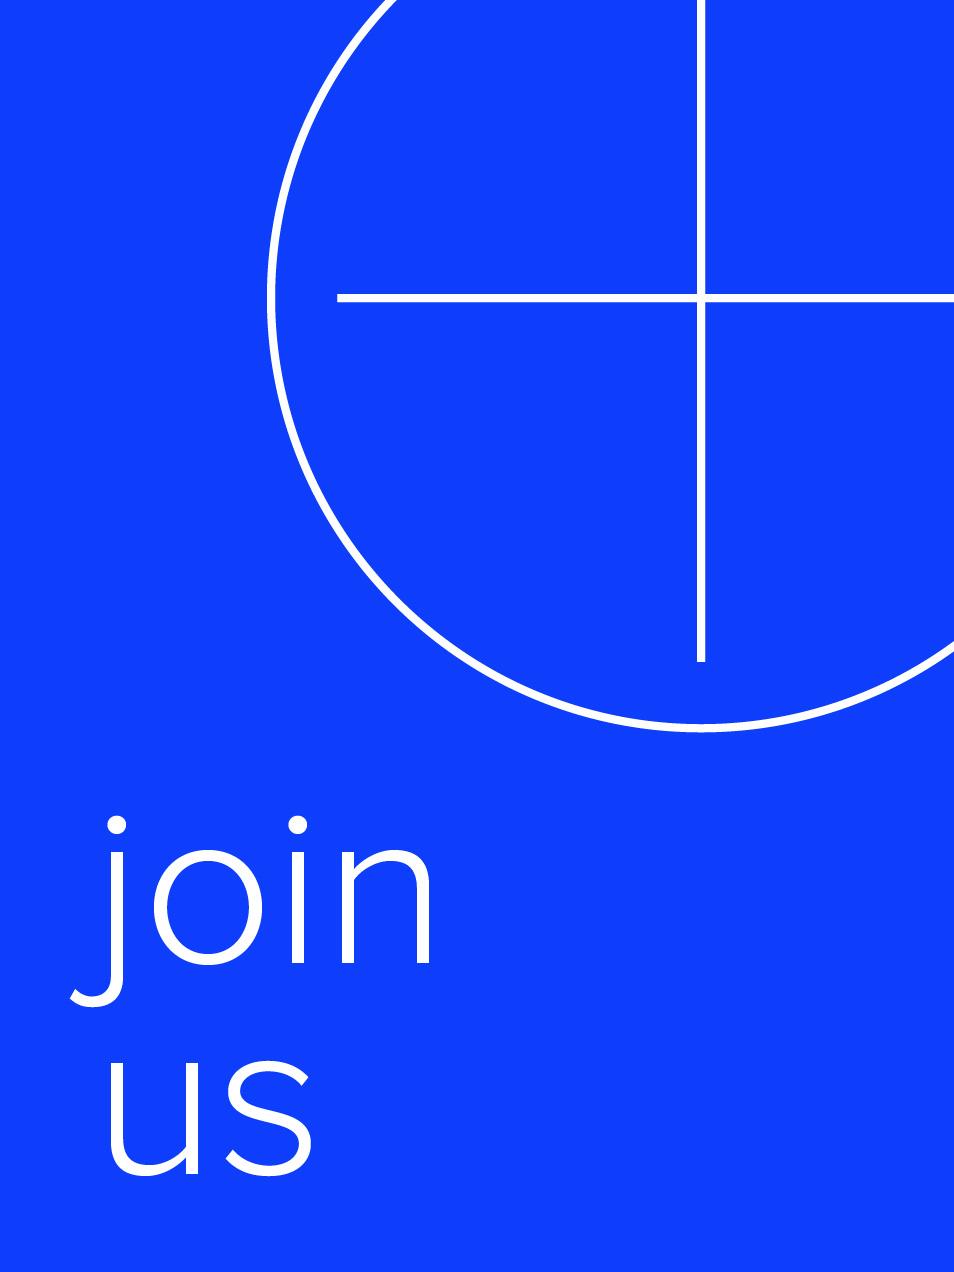 join us-03.jpg